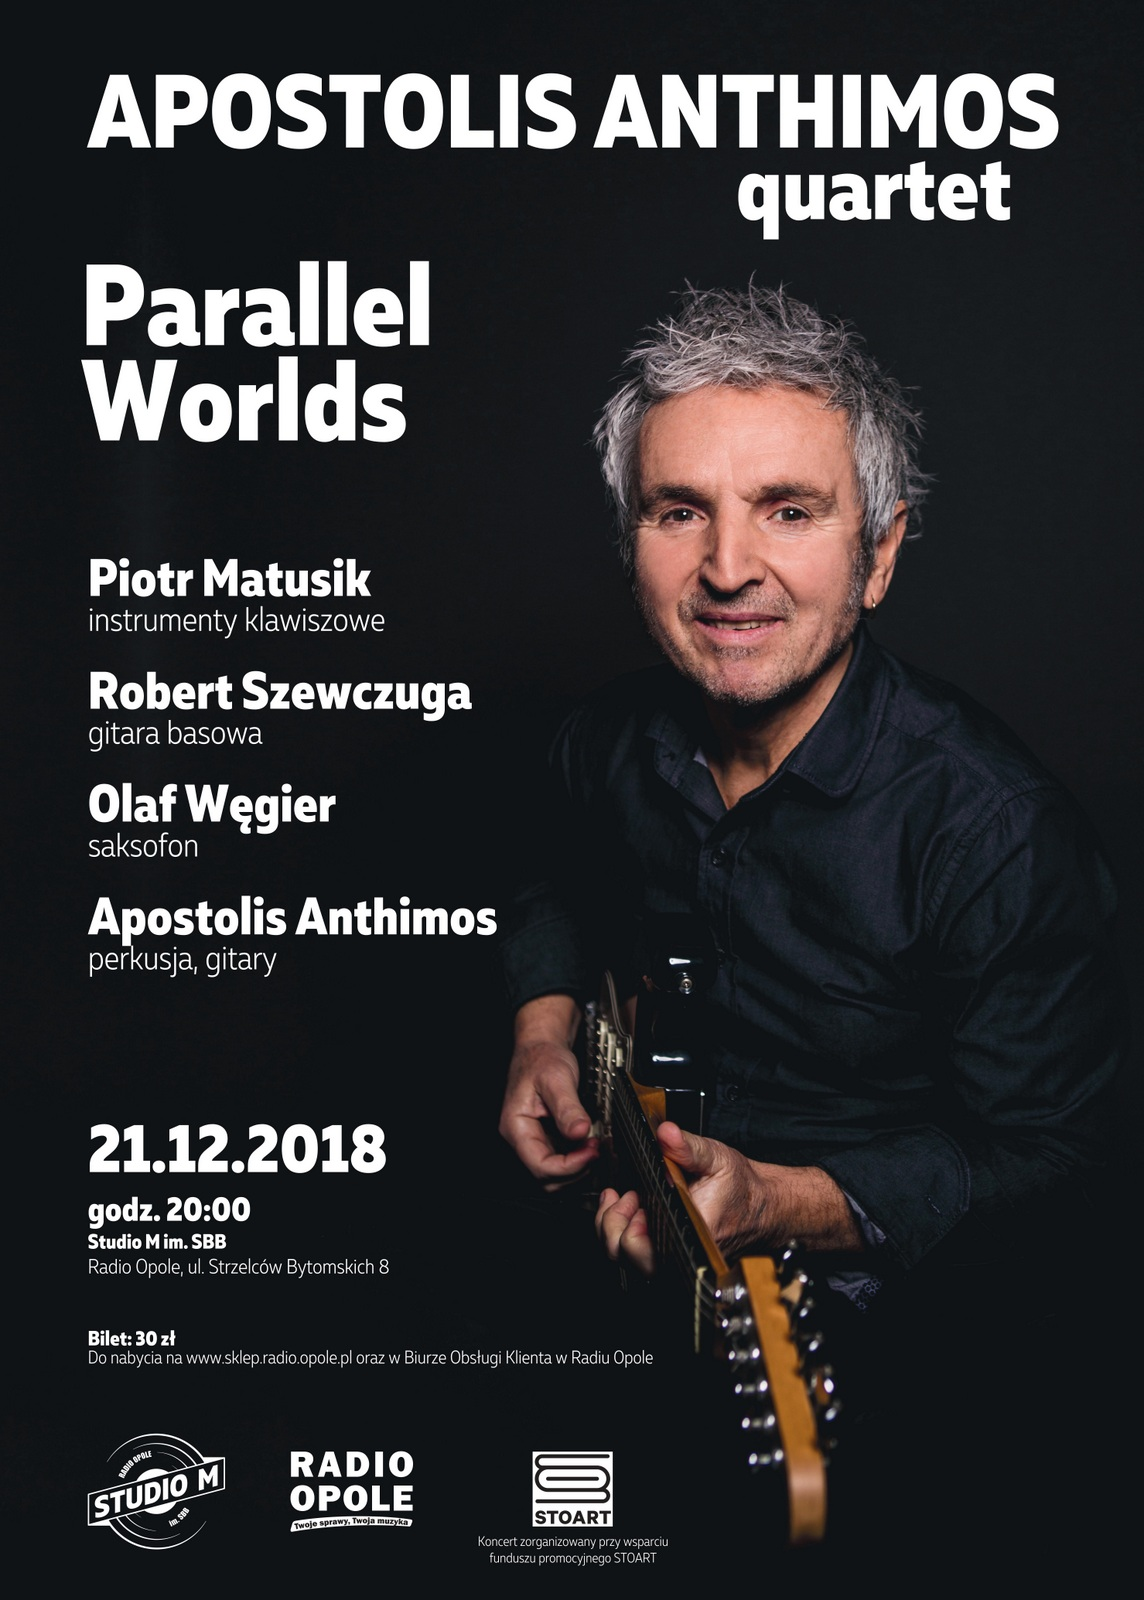 Wyjątkowy koncert promujący nową solową płytę Apostolisa Anthimosa już 21 grudnia w Studiu M im. SBB